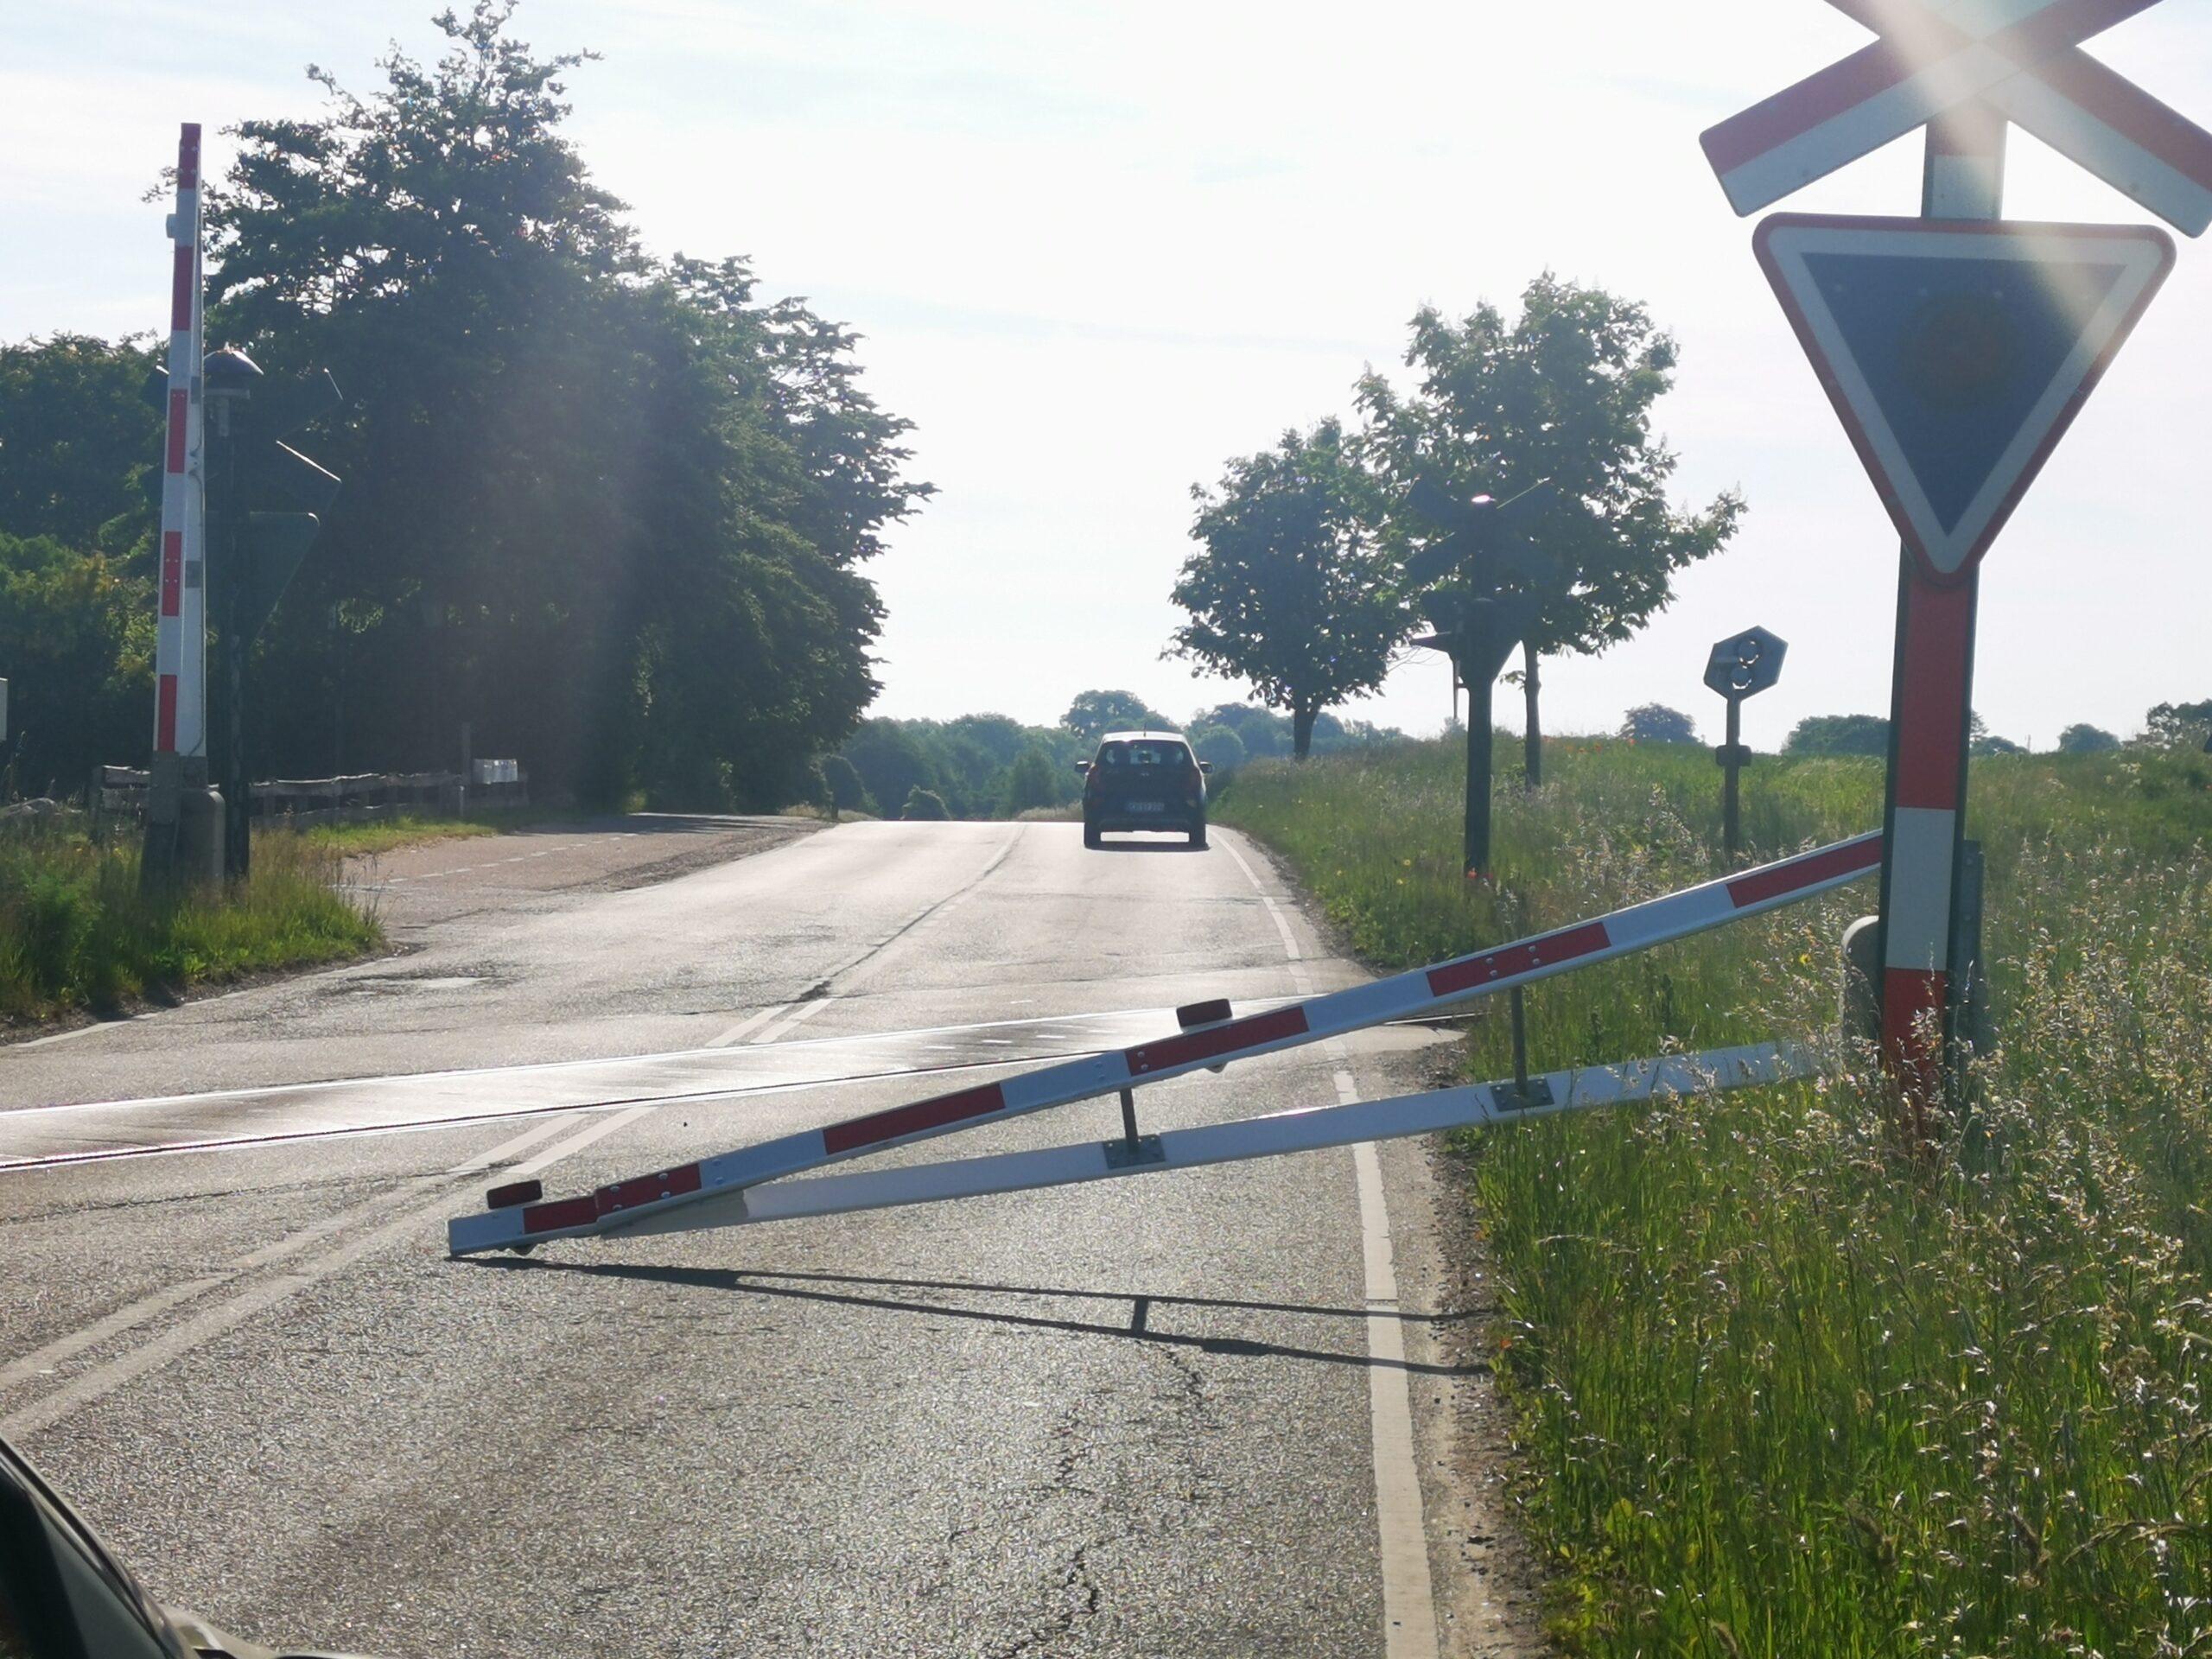 Bil har påkørt jernbane bom ved Græsted